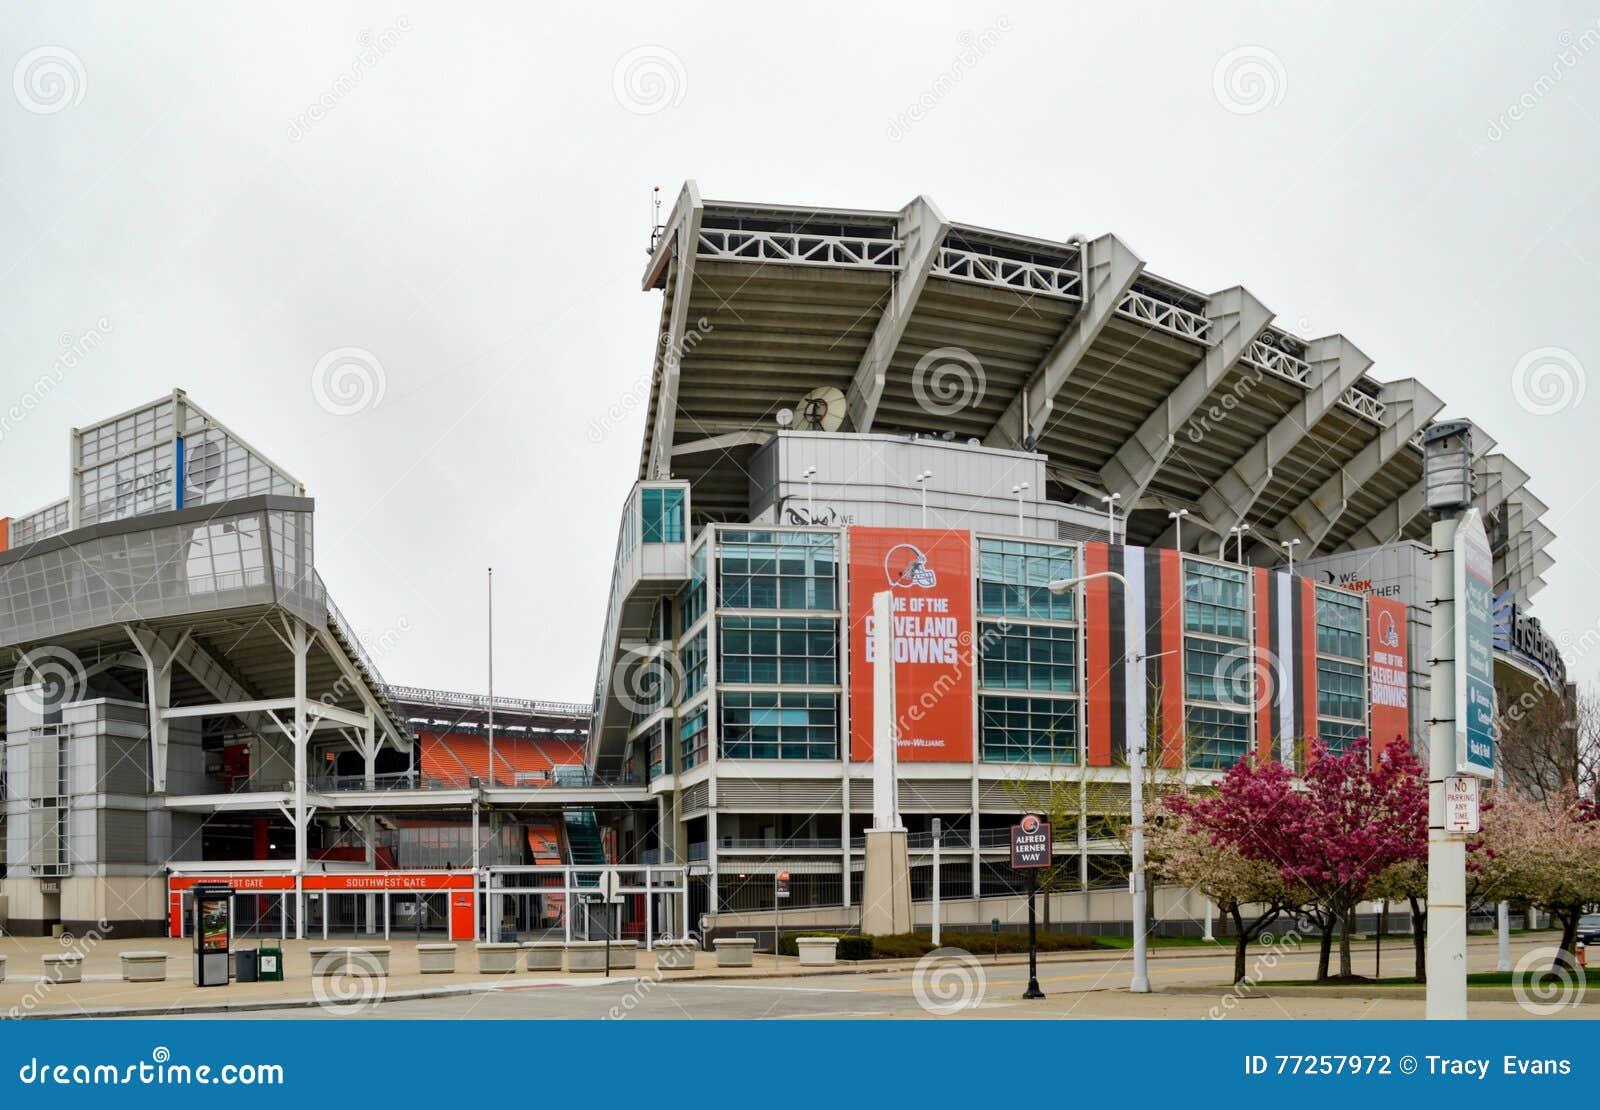 Southwest Entrance Gate FirstEnergy Stadium Cleveland Ohio